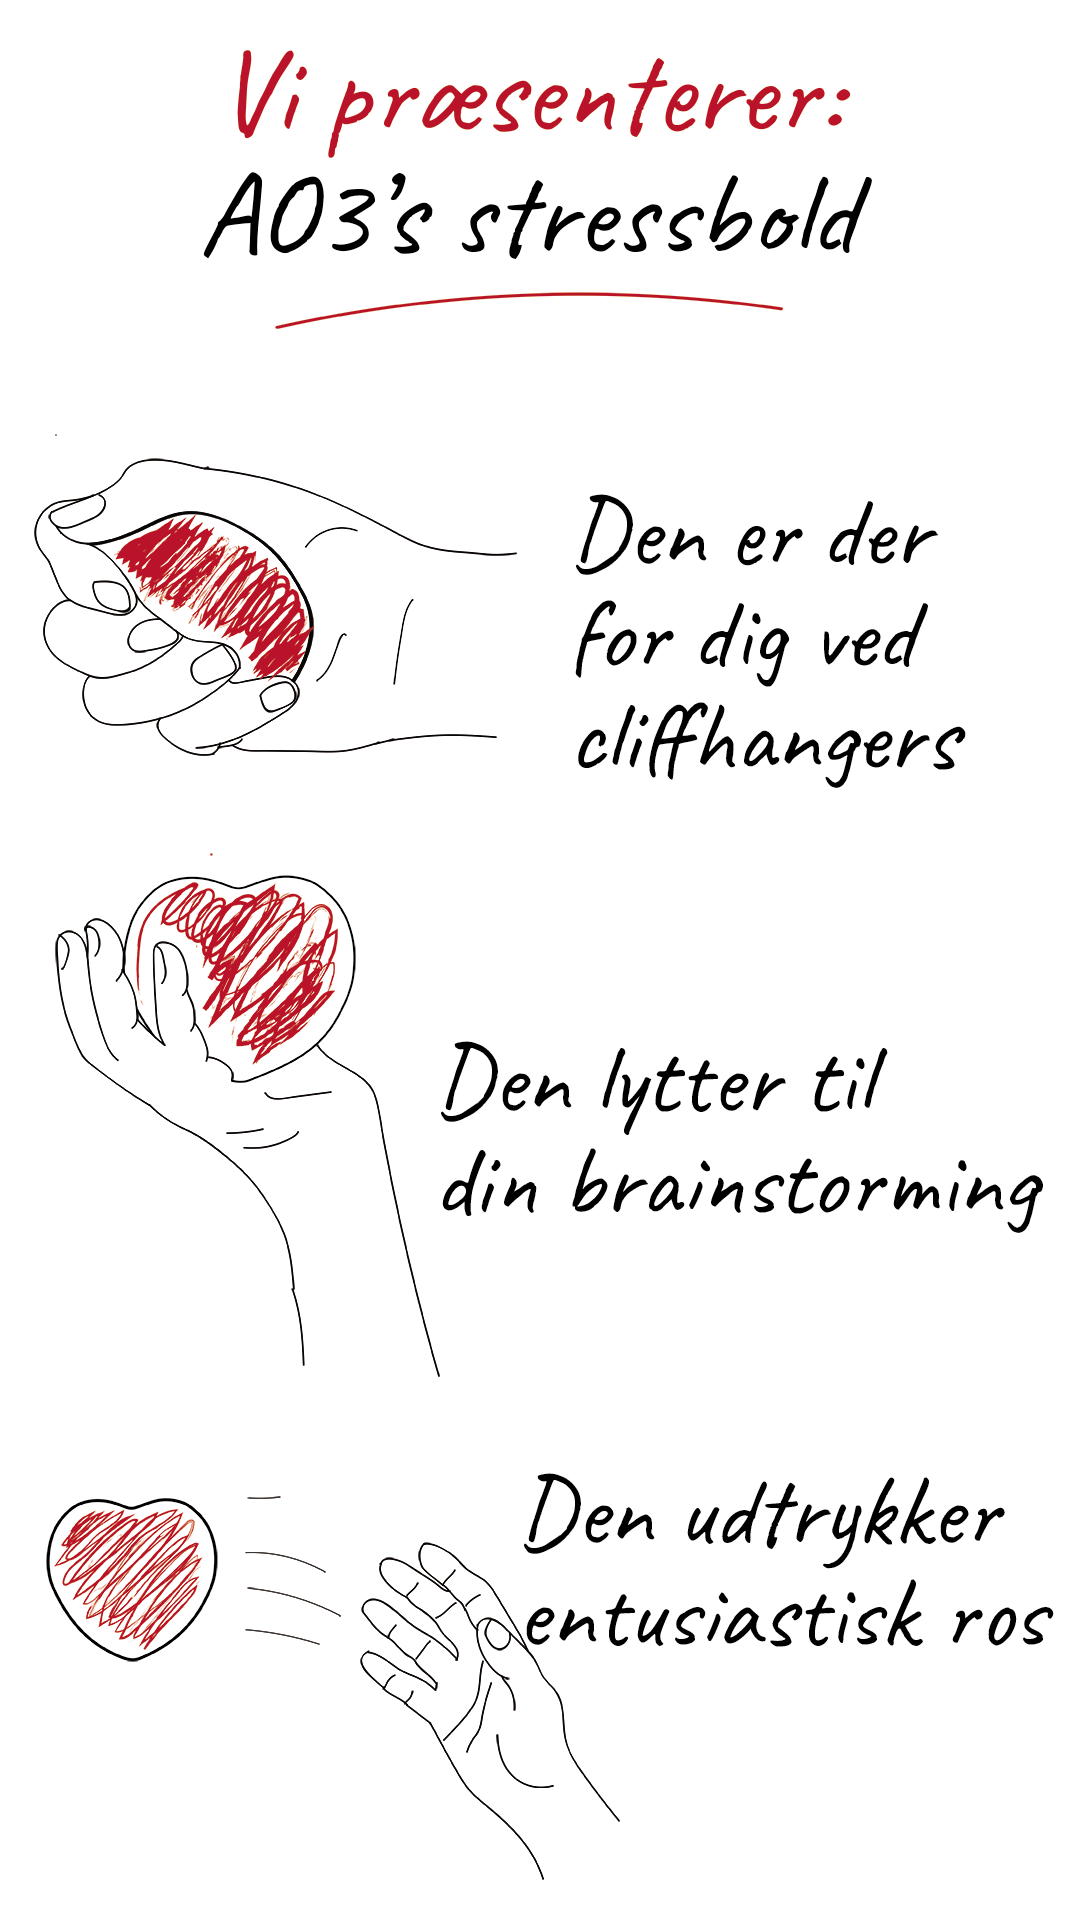 Grafik, der viser potentielle måder at bruge stressbolden, med teksten: